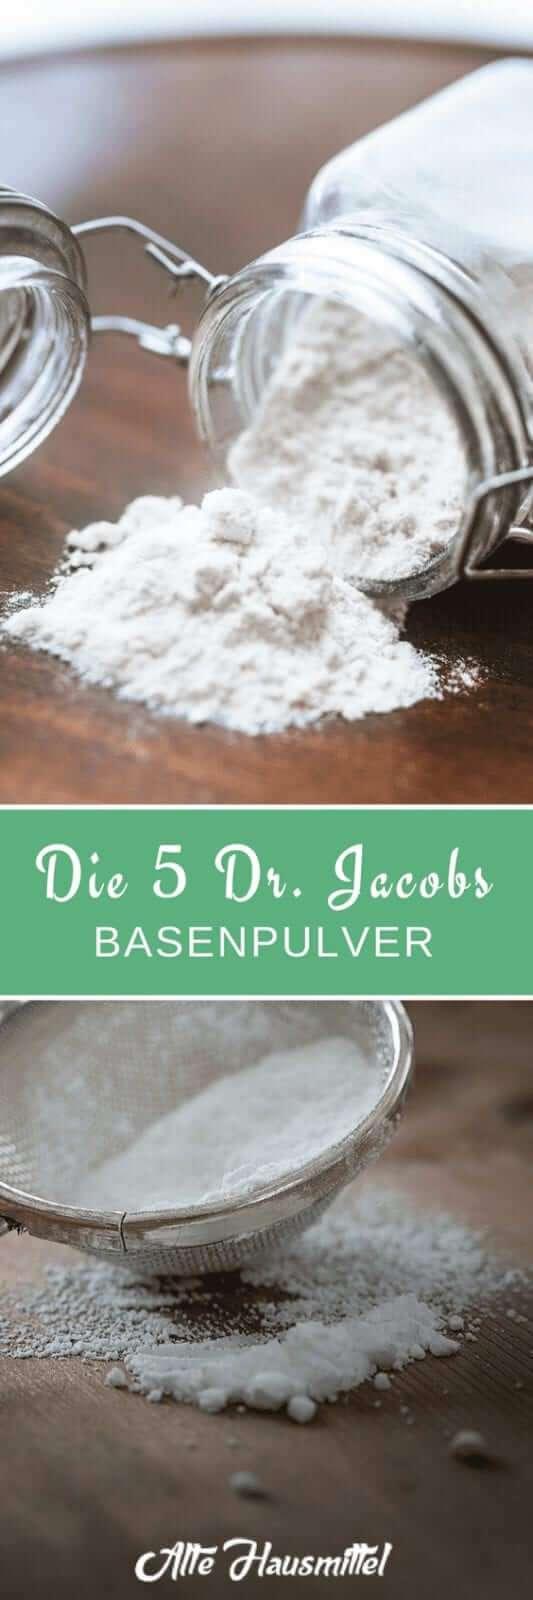 Die 5 Dr. Jacobs Basenpulver im Test & Vergleich